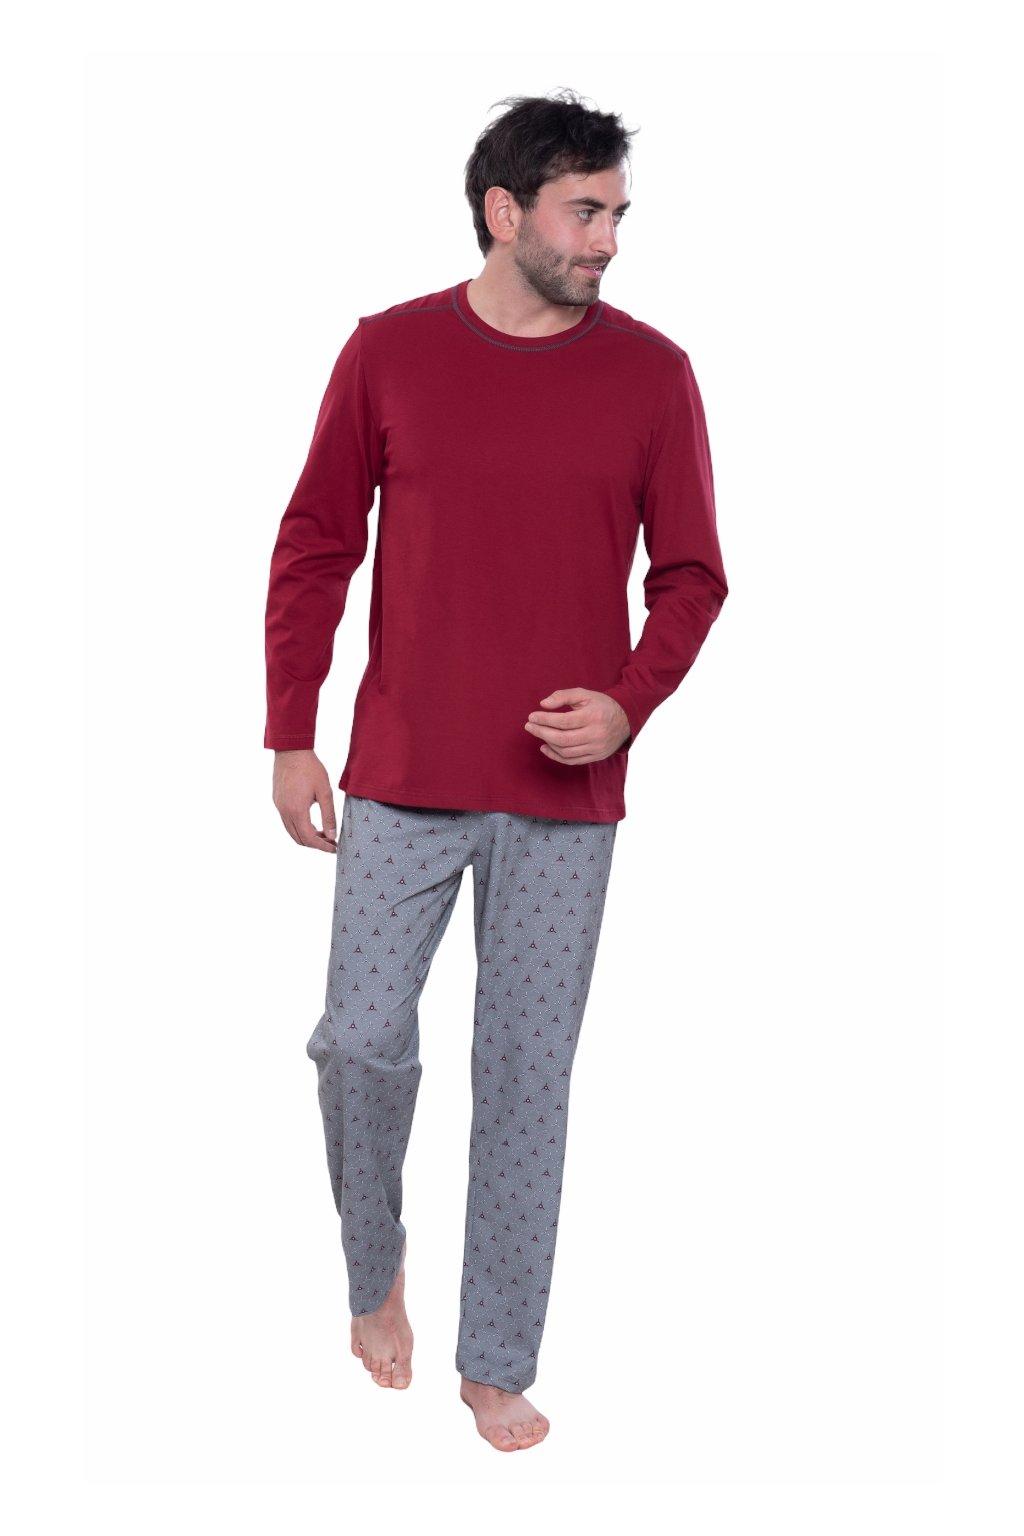 Pánské pyžamo s dlouhým rukávem, 204152 492, červená